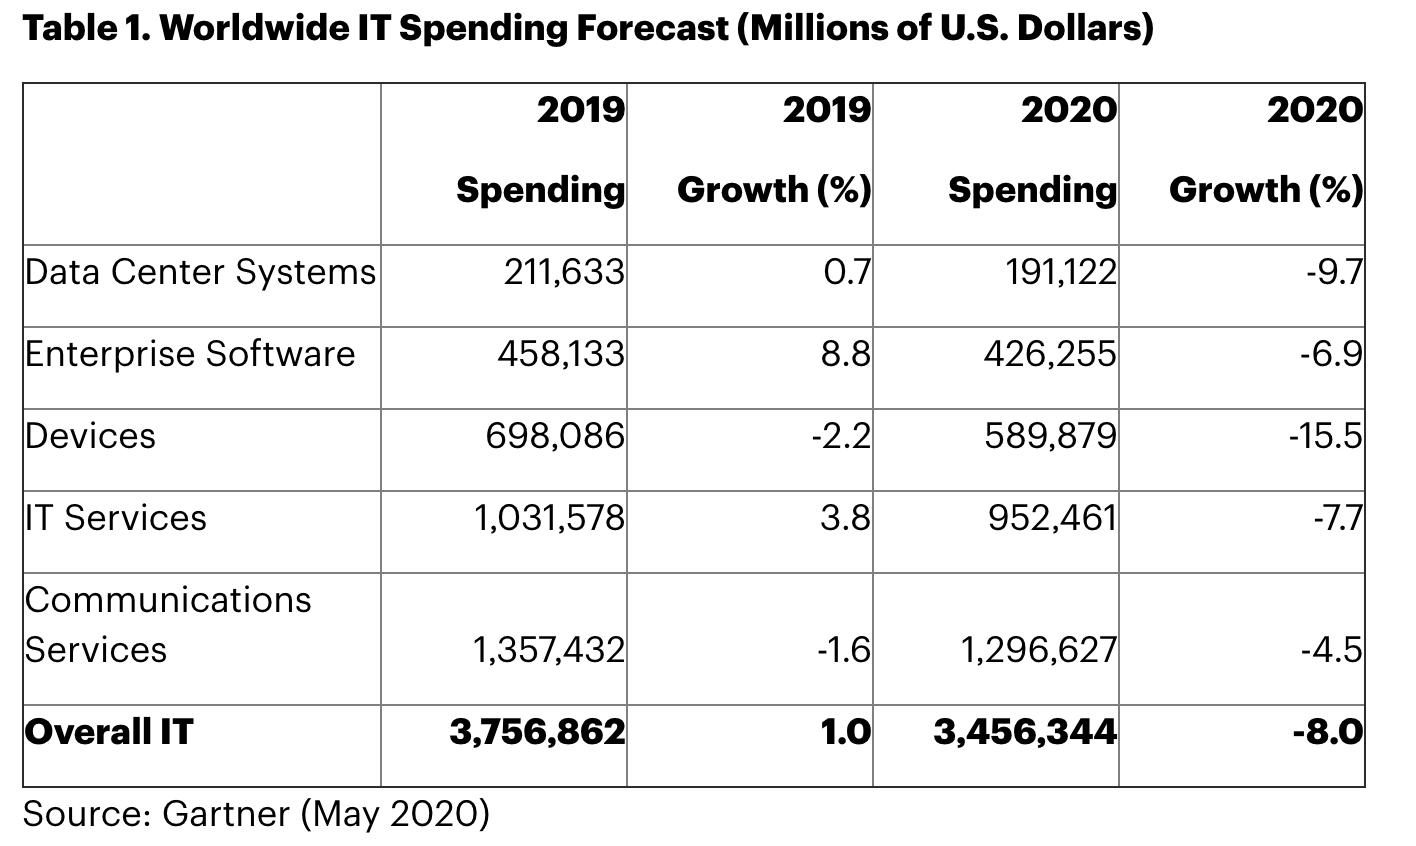 évolution des dépenses mondiales IT de Gartner